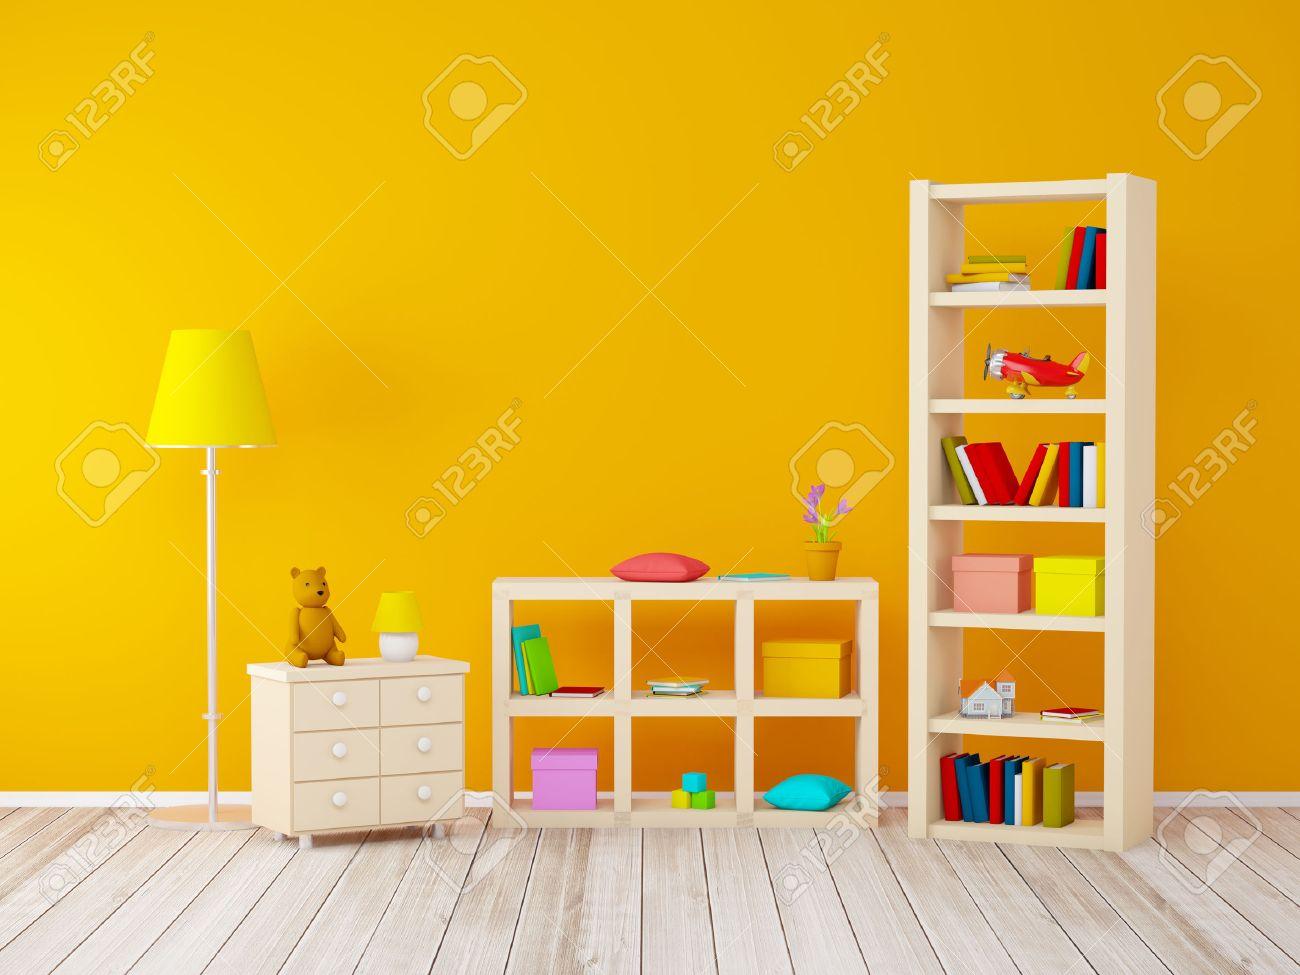 Kinderzimmer Mit Bücherregalen Mit Spielzeug An Der Orange Wand. 3D ...